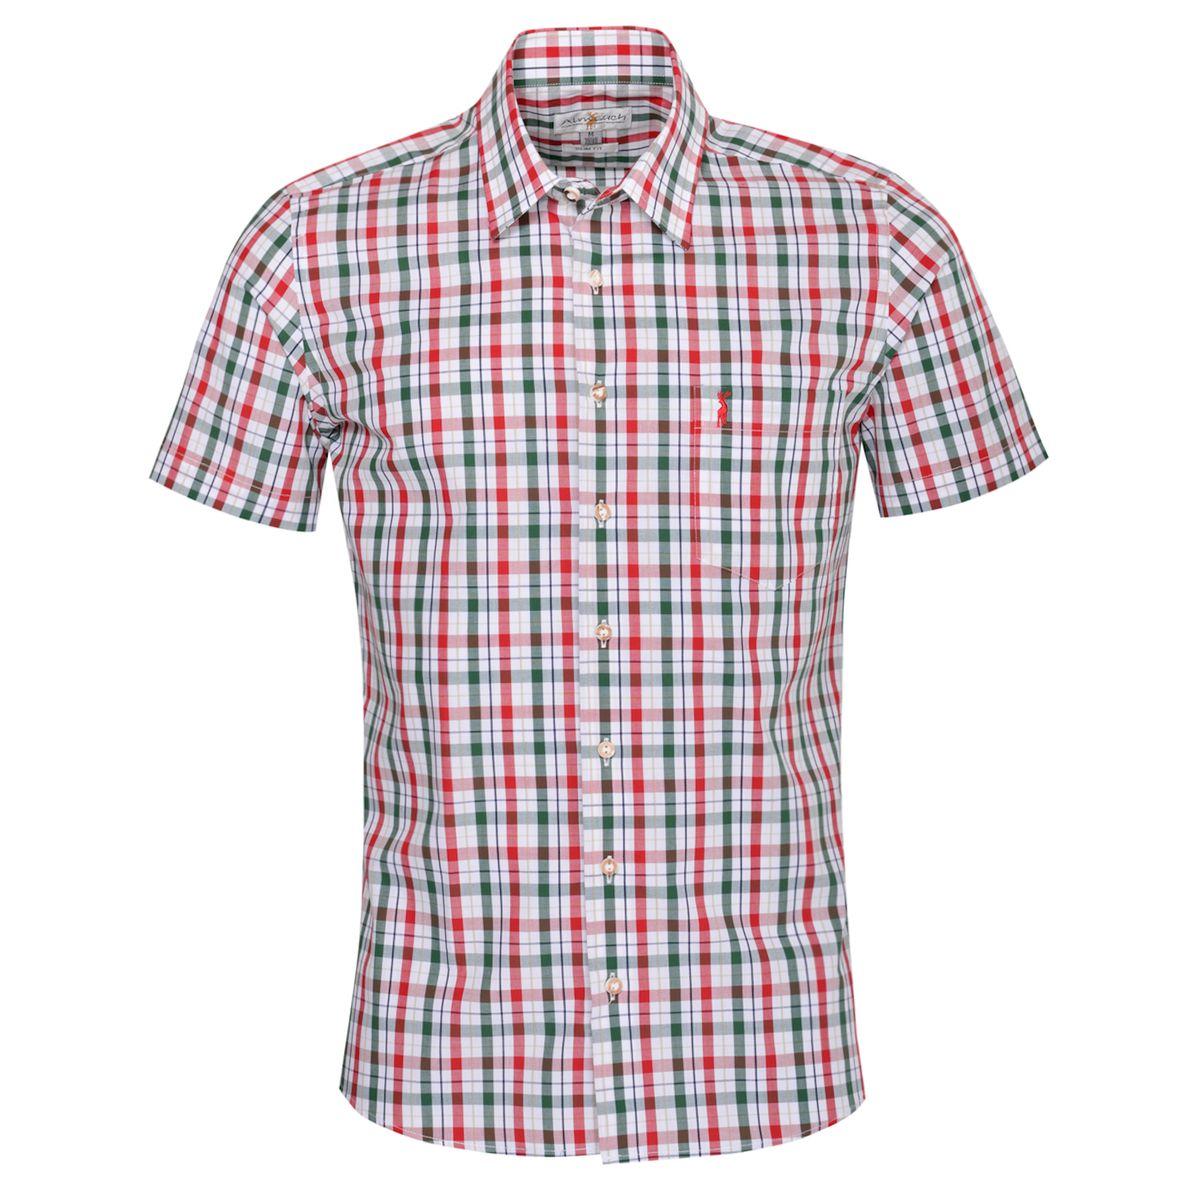 Kurzarm Trachtenhemd Hanno Regular Fit zweifarbig in Rot und Dunkelgrün von Almsach günstig online kaufen